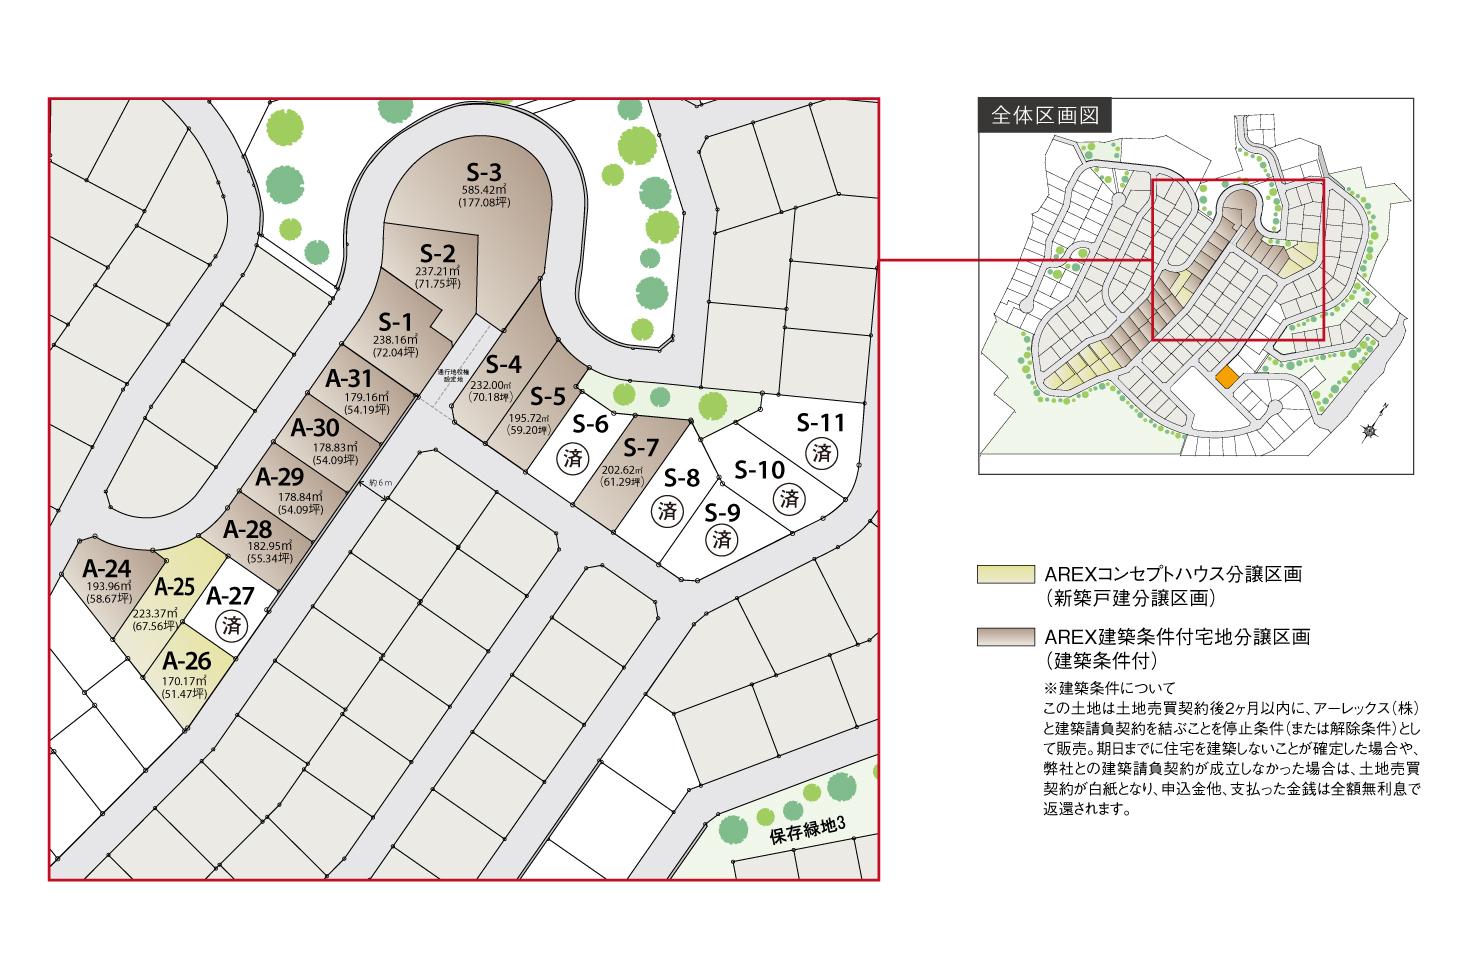 4_区画図_CH緑の丘_拡大A24-S11